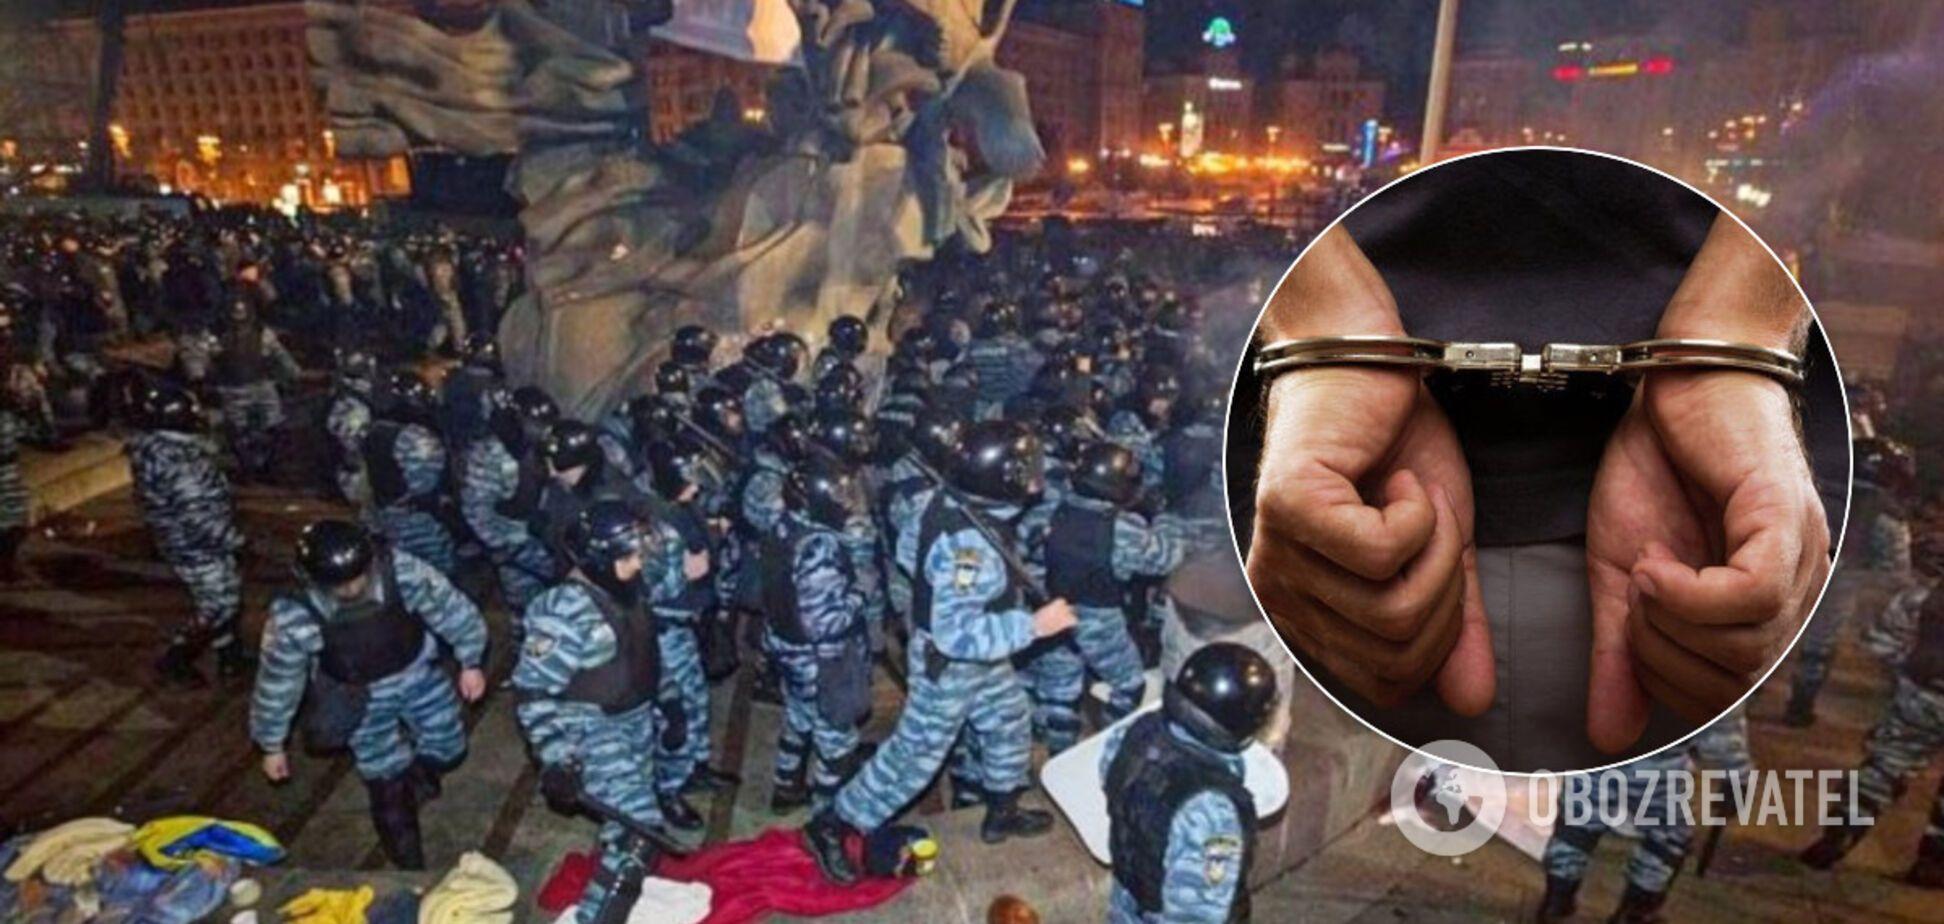 'Экс-беркутовцу' объявили подозрение в насильственном превышении власти. Иллюстрация